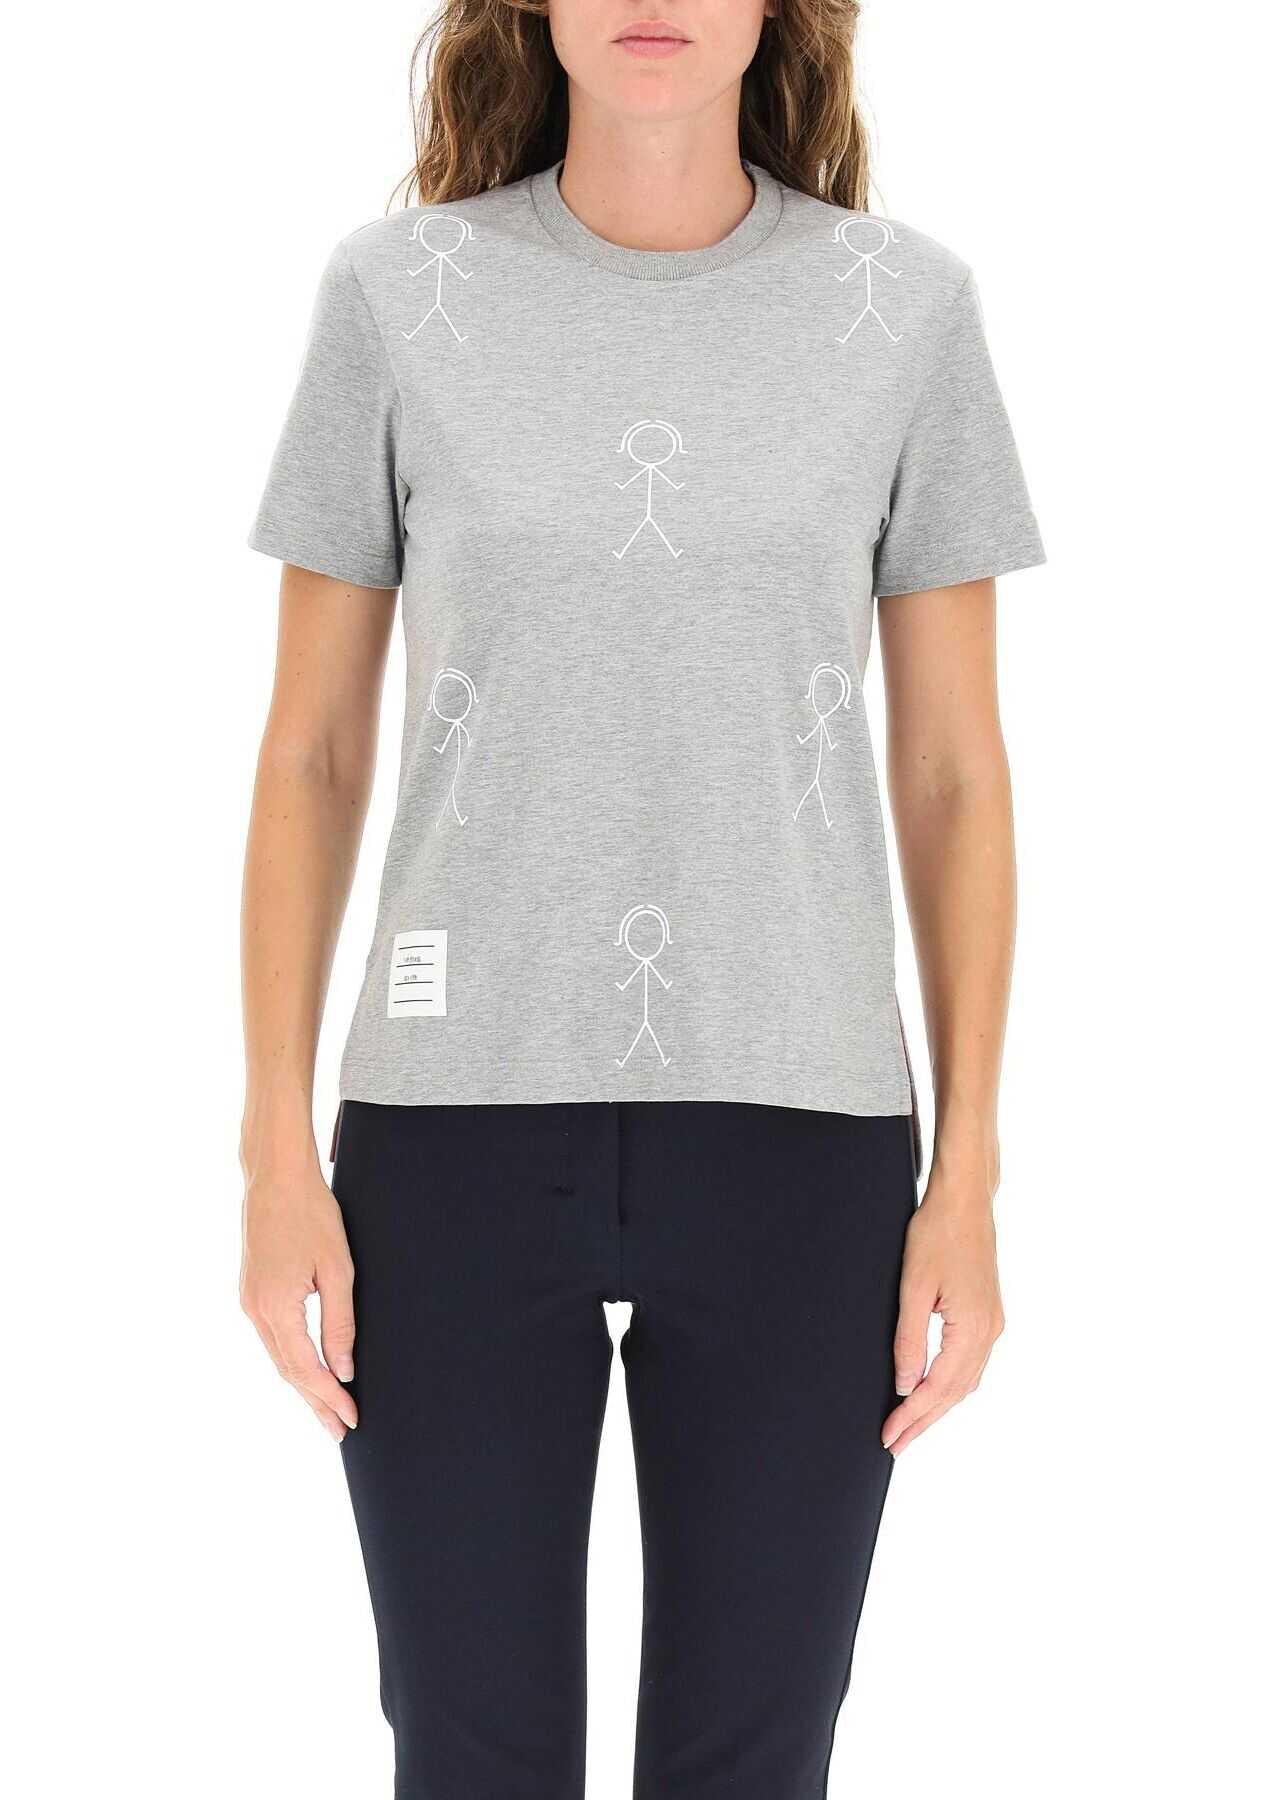 Thom Browne Mr. Thom Icon Print T-Shirt FJS099A07656 LIGHT GREY image0